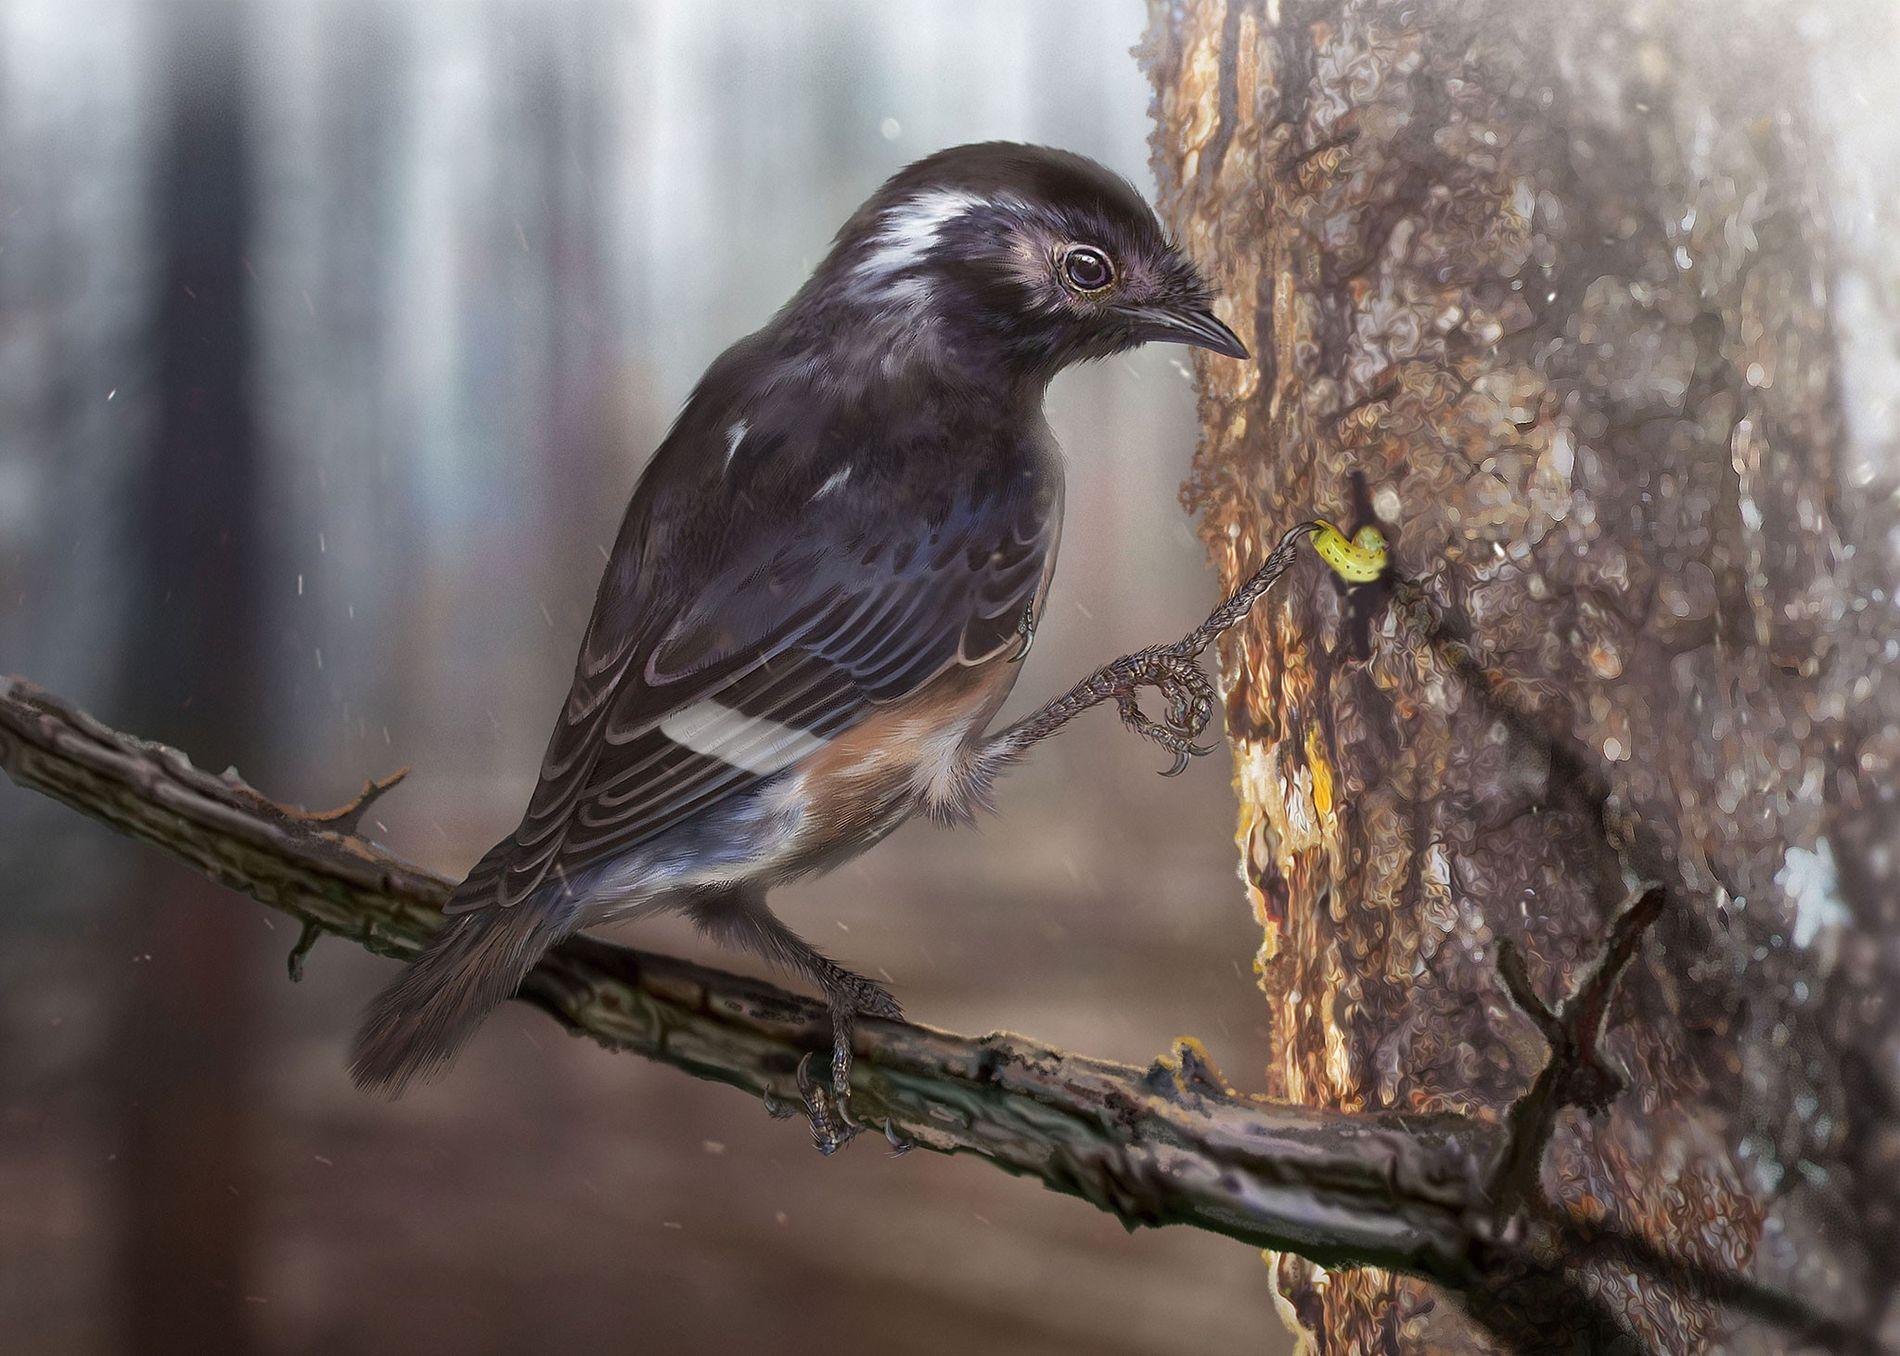 Uma nova espécie de enantiornithine, um grupo extinto de aves da era dos dinossauros, possui dedos ...